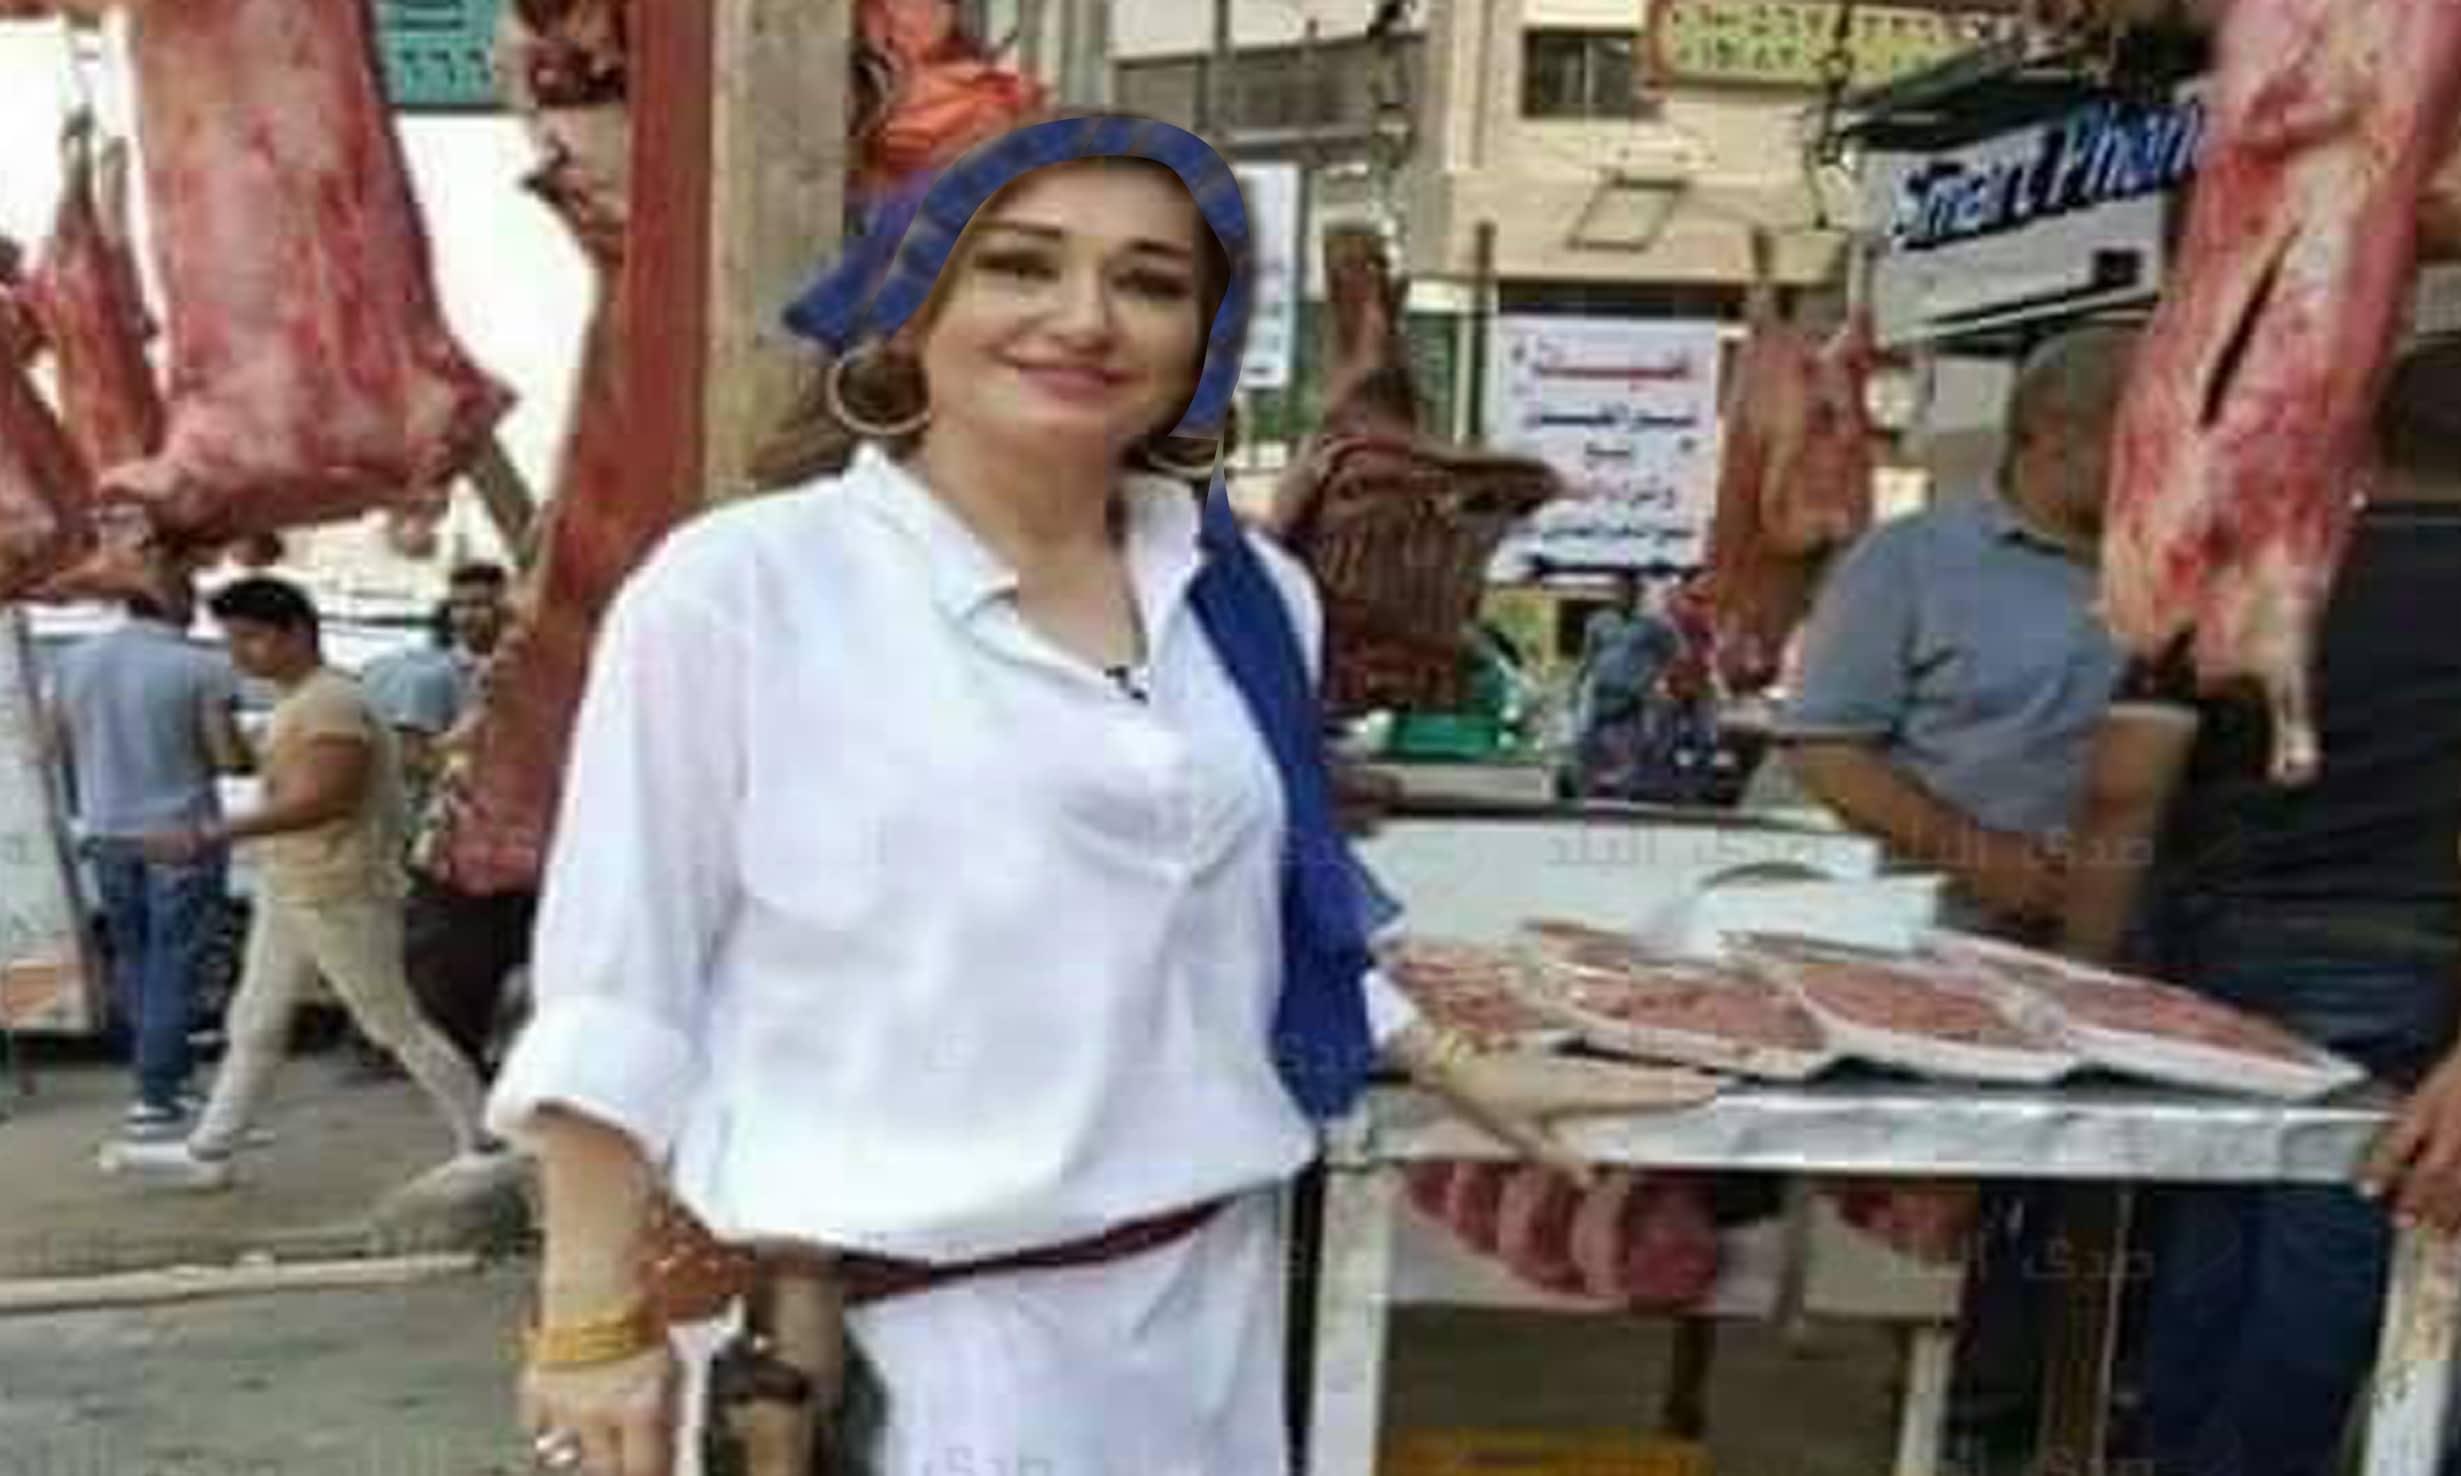 الجزاره الحسناء 6 حقيقة صور الجزاره الحسناء في المنصورة التي اشعلت الفيس بوك